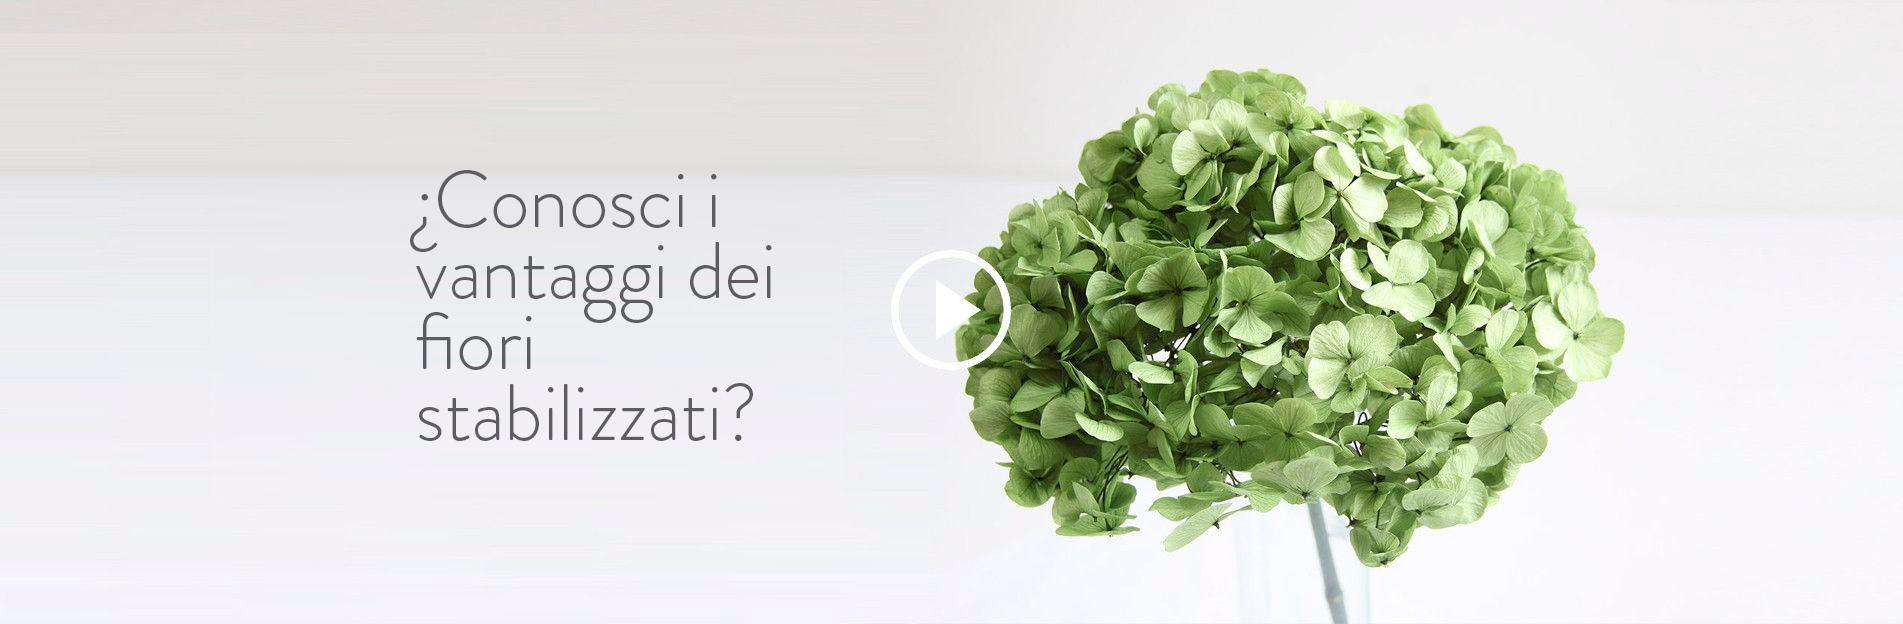 Conosci i vantaggi dei fiori  stabilizzati?